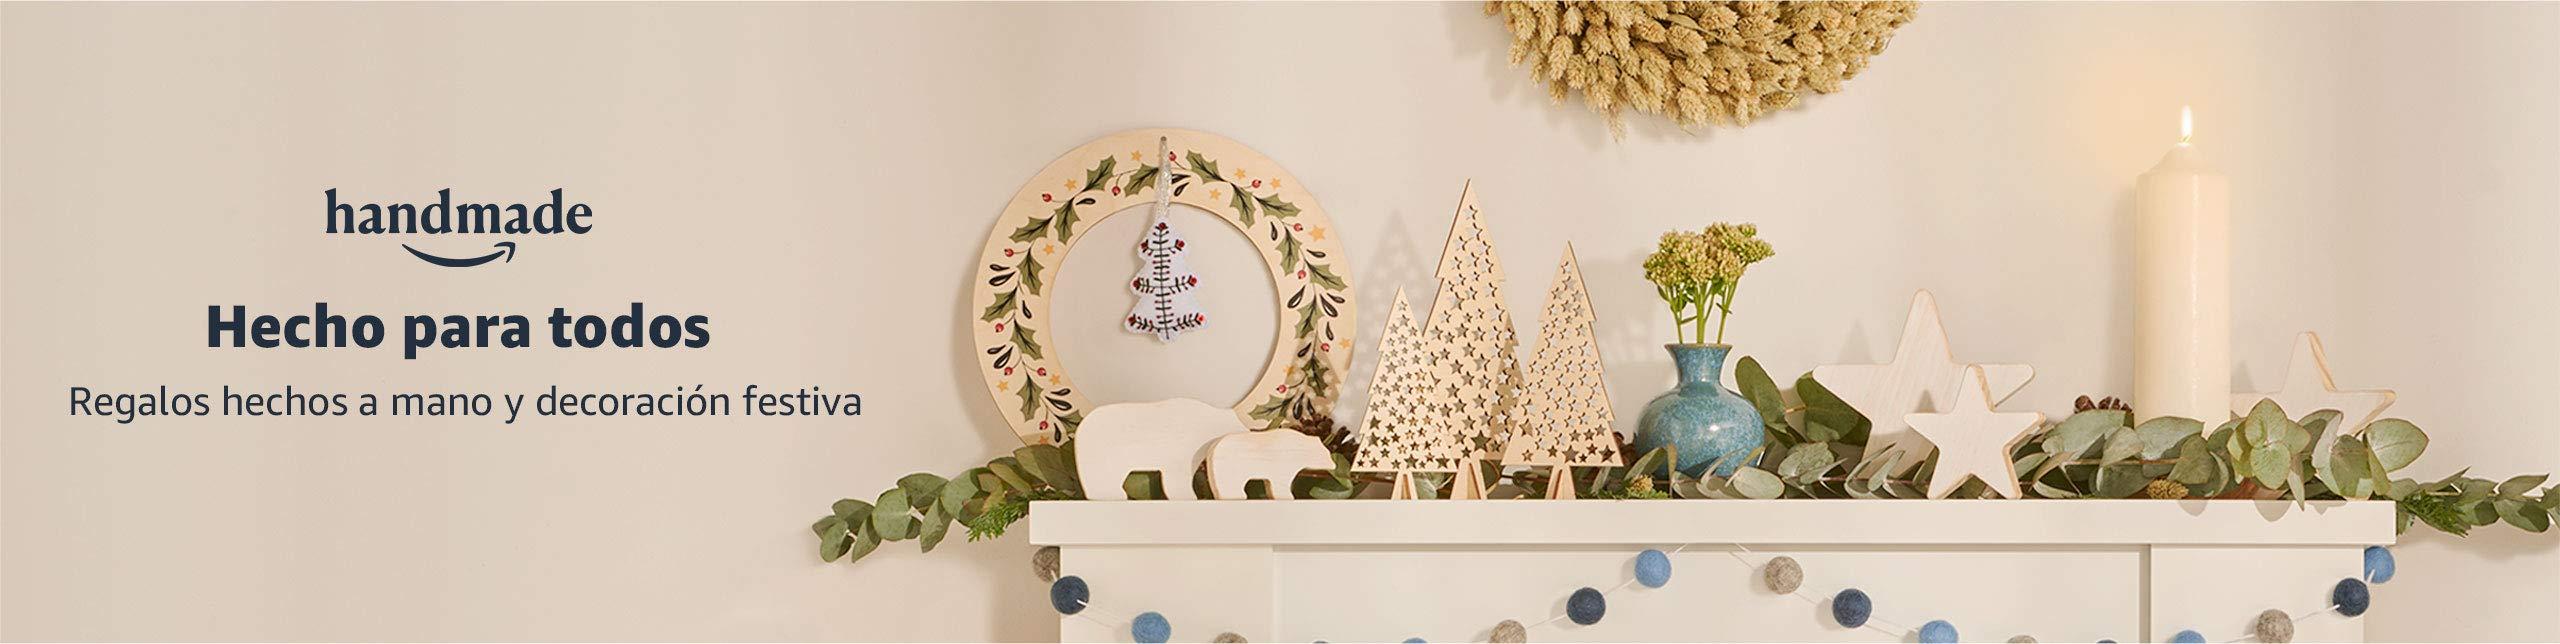 Regalos hechos a mano y decoración festiva